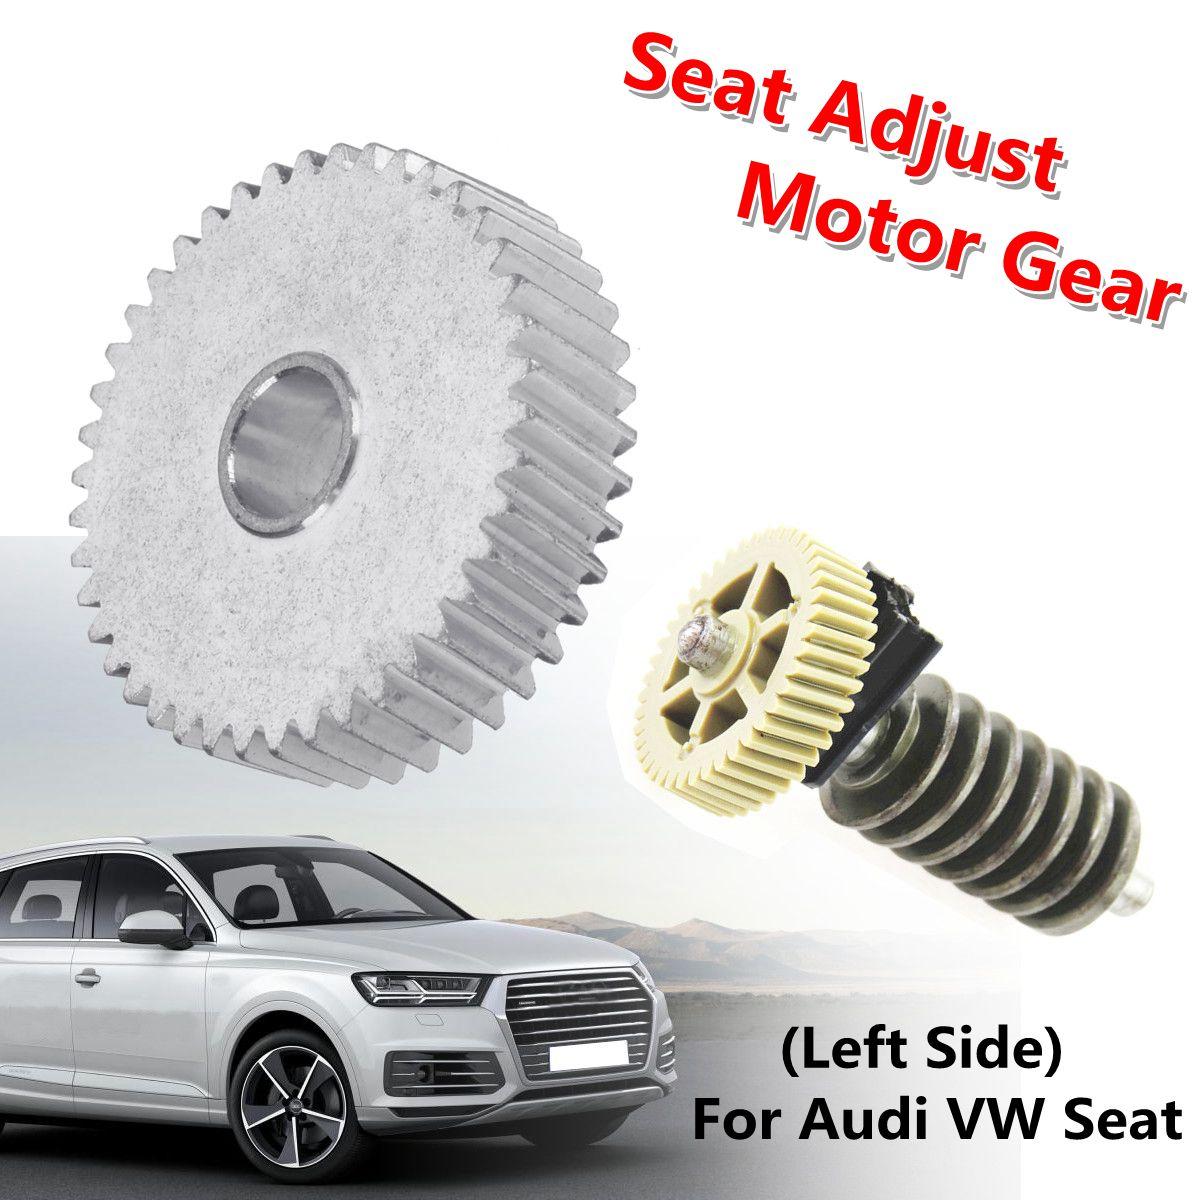 Assento de carro ajustar a engrenagem da roda do motor lado esquerdo para audi a4 a6 q7 para vw touareg exeo 7l0 959 111 4f0 959 111 4f0959111